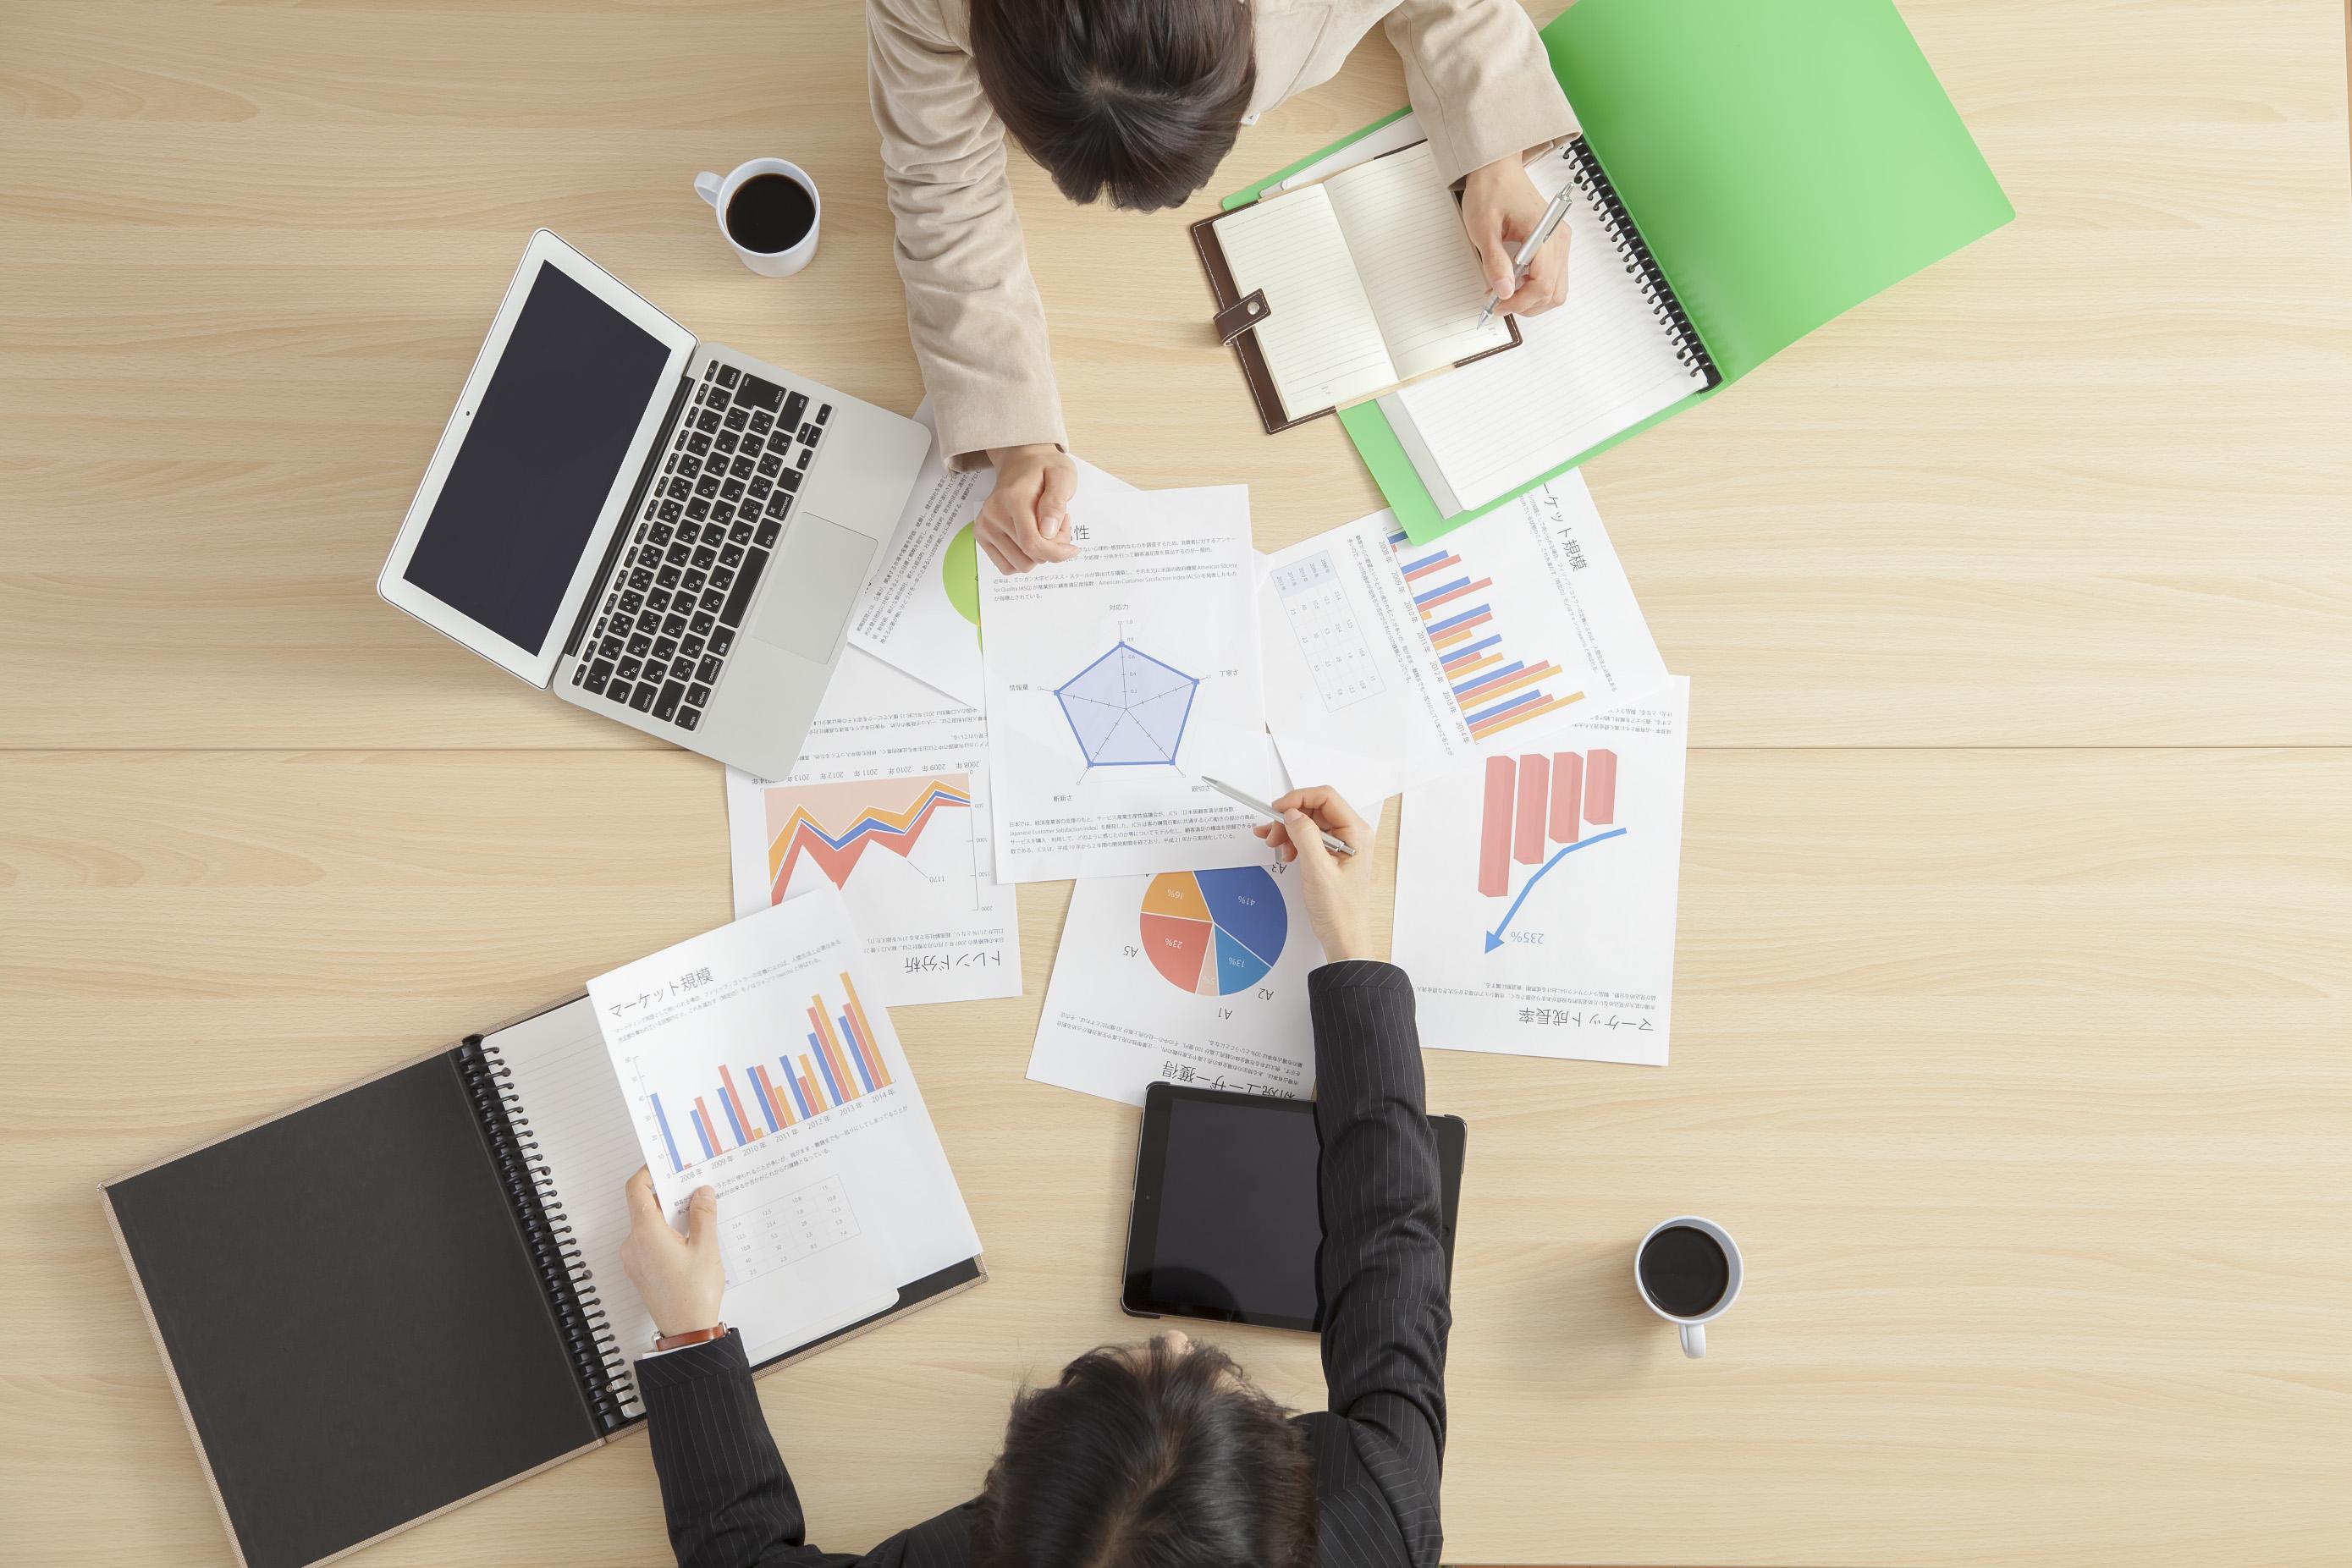 dodaが提案する新しい面接のカタチ【オンラインセミナー】<br>~無料で使える「HRアナリスト(面接分析シート)」で、選ばれる企業に~